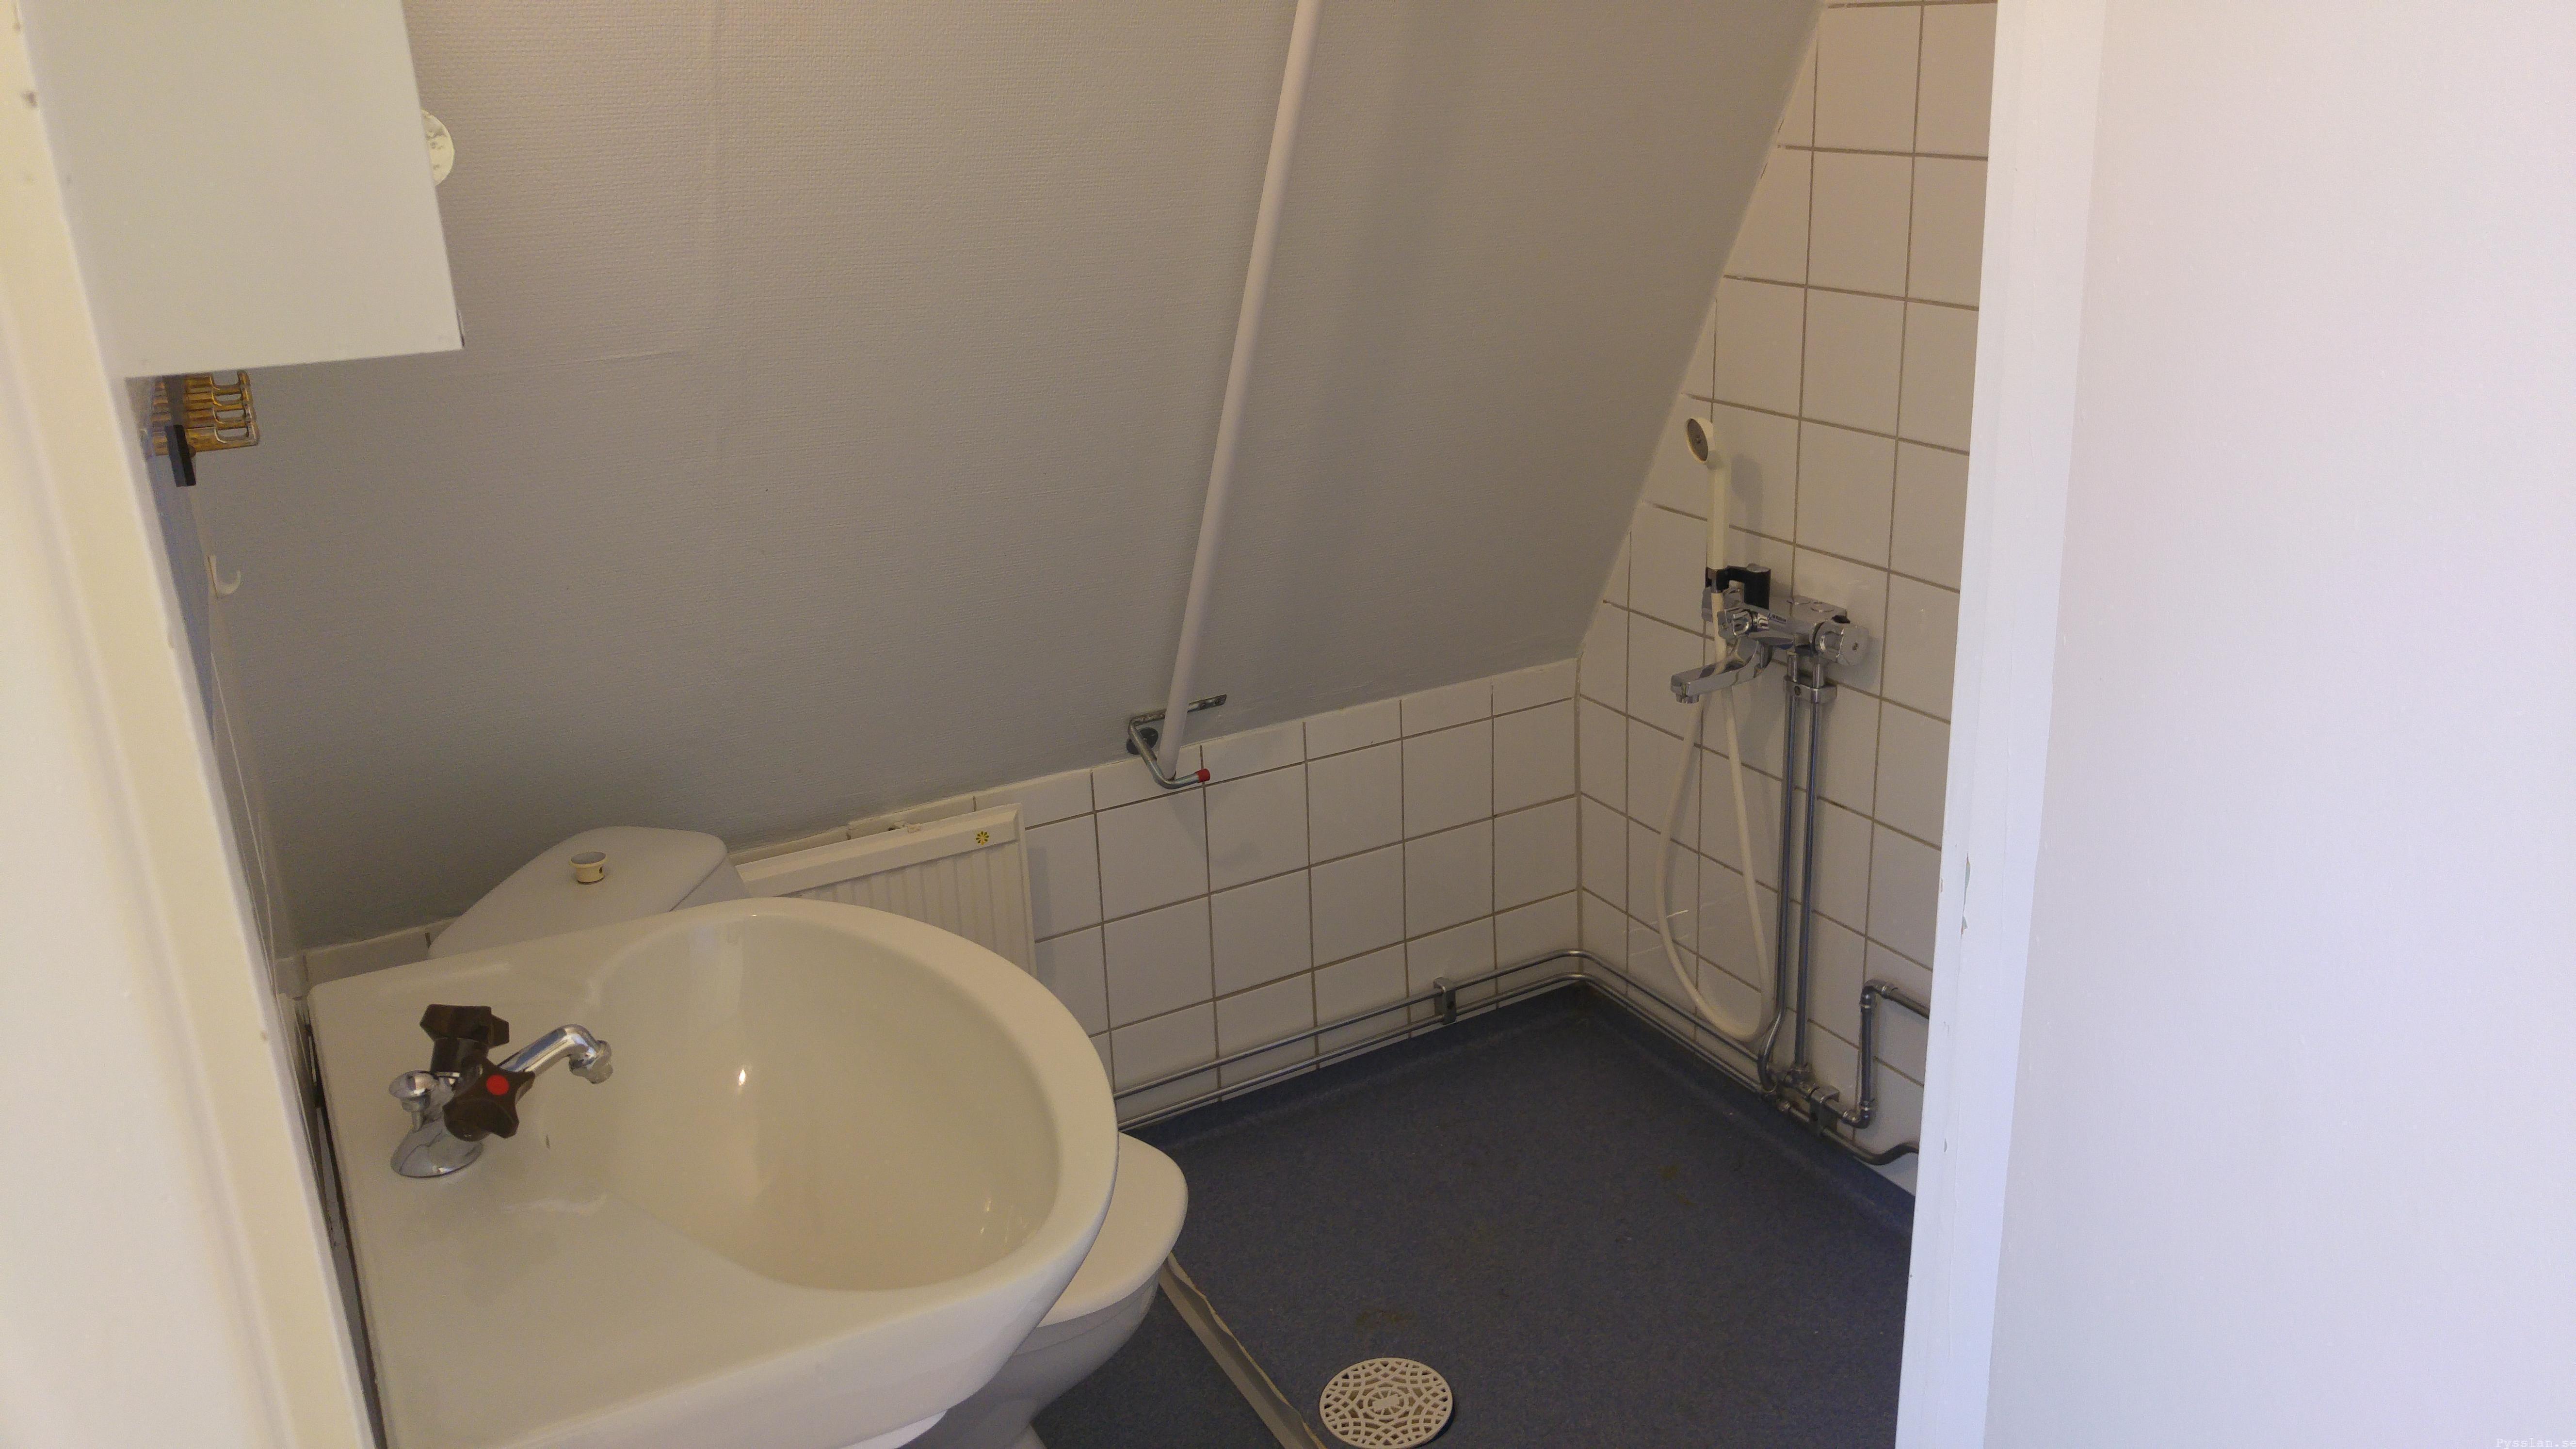 drömhus 20-talshus rött hus vita knutar renovering jugend husdröm pysslan blogg badrum i kattvind